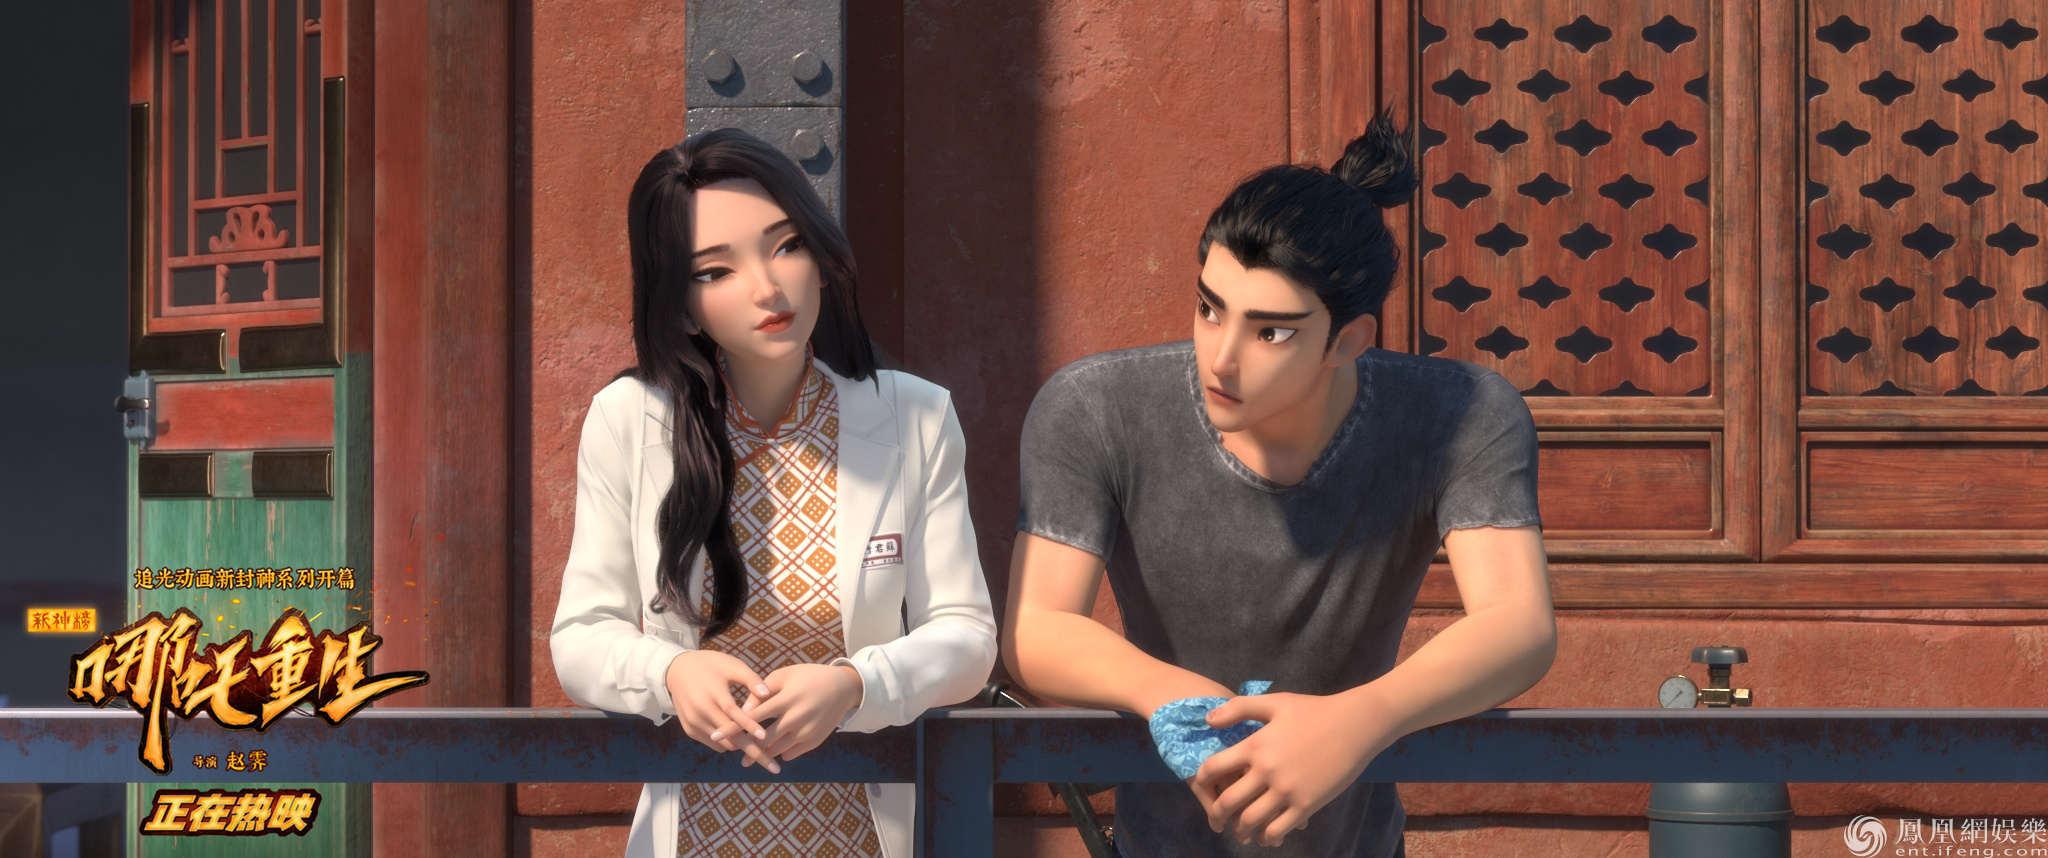 新哪吒李云祥與蘇醫生在病房外走廊懇談